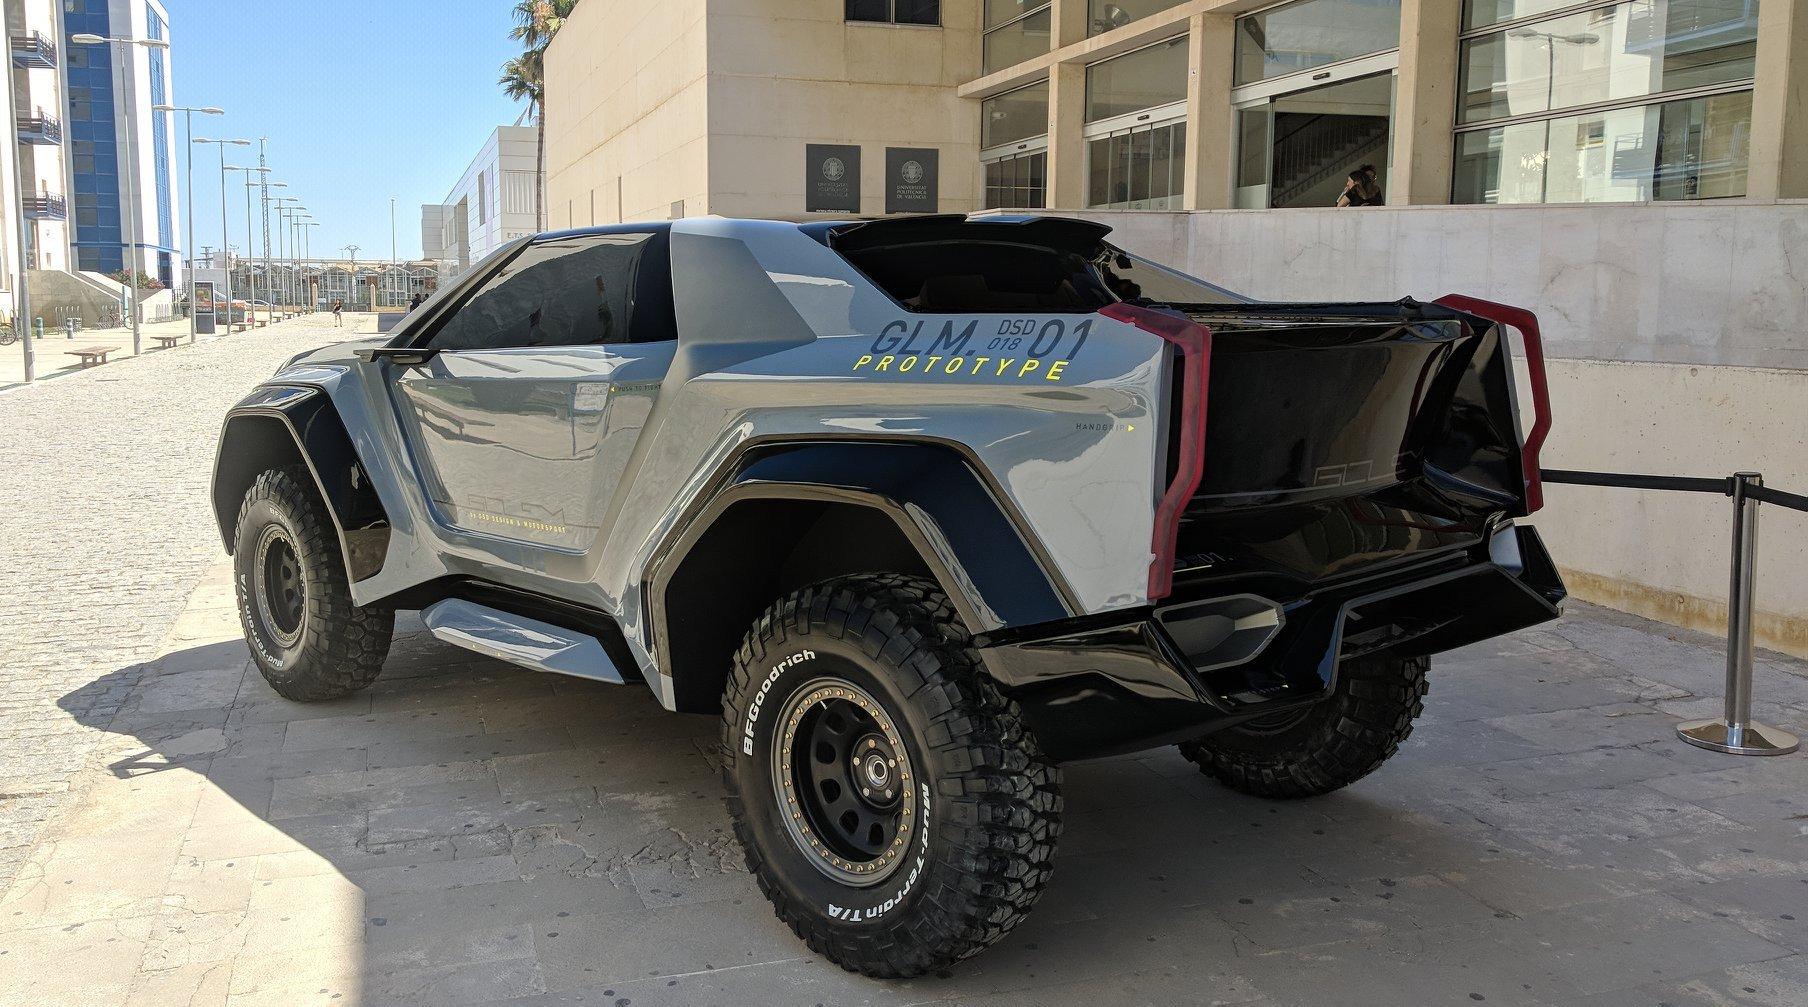 SUV Golem